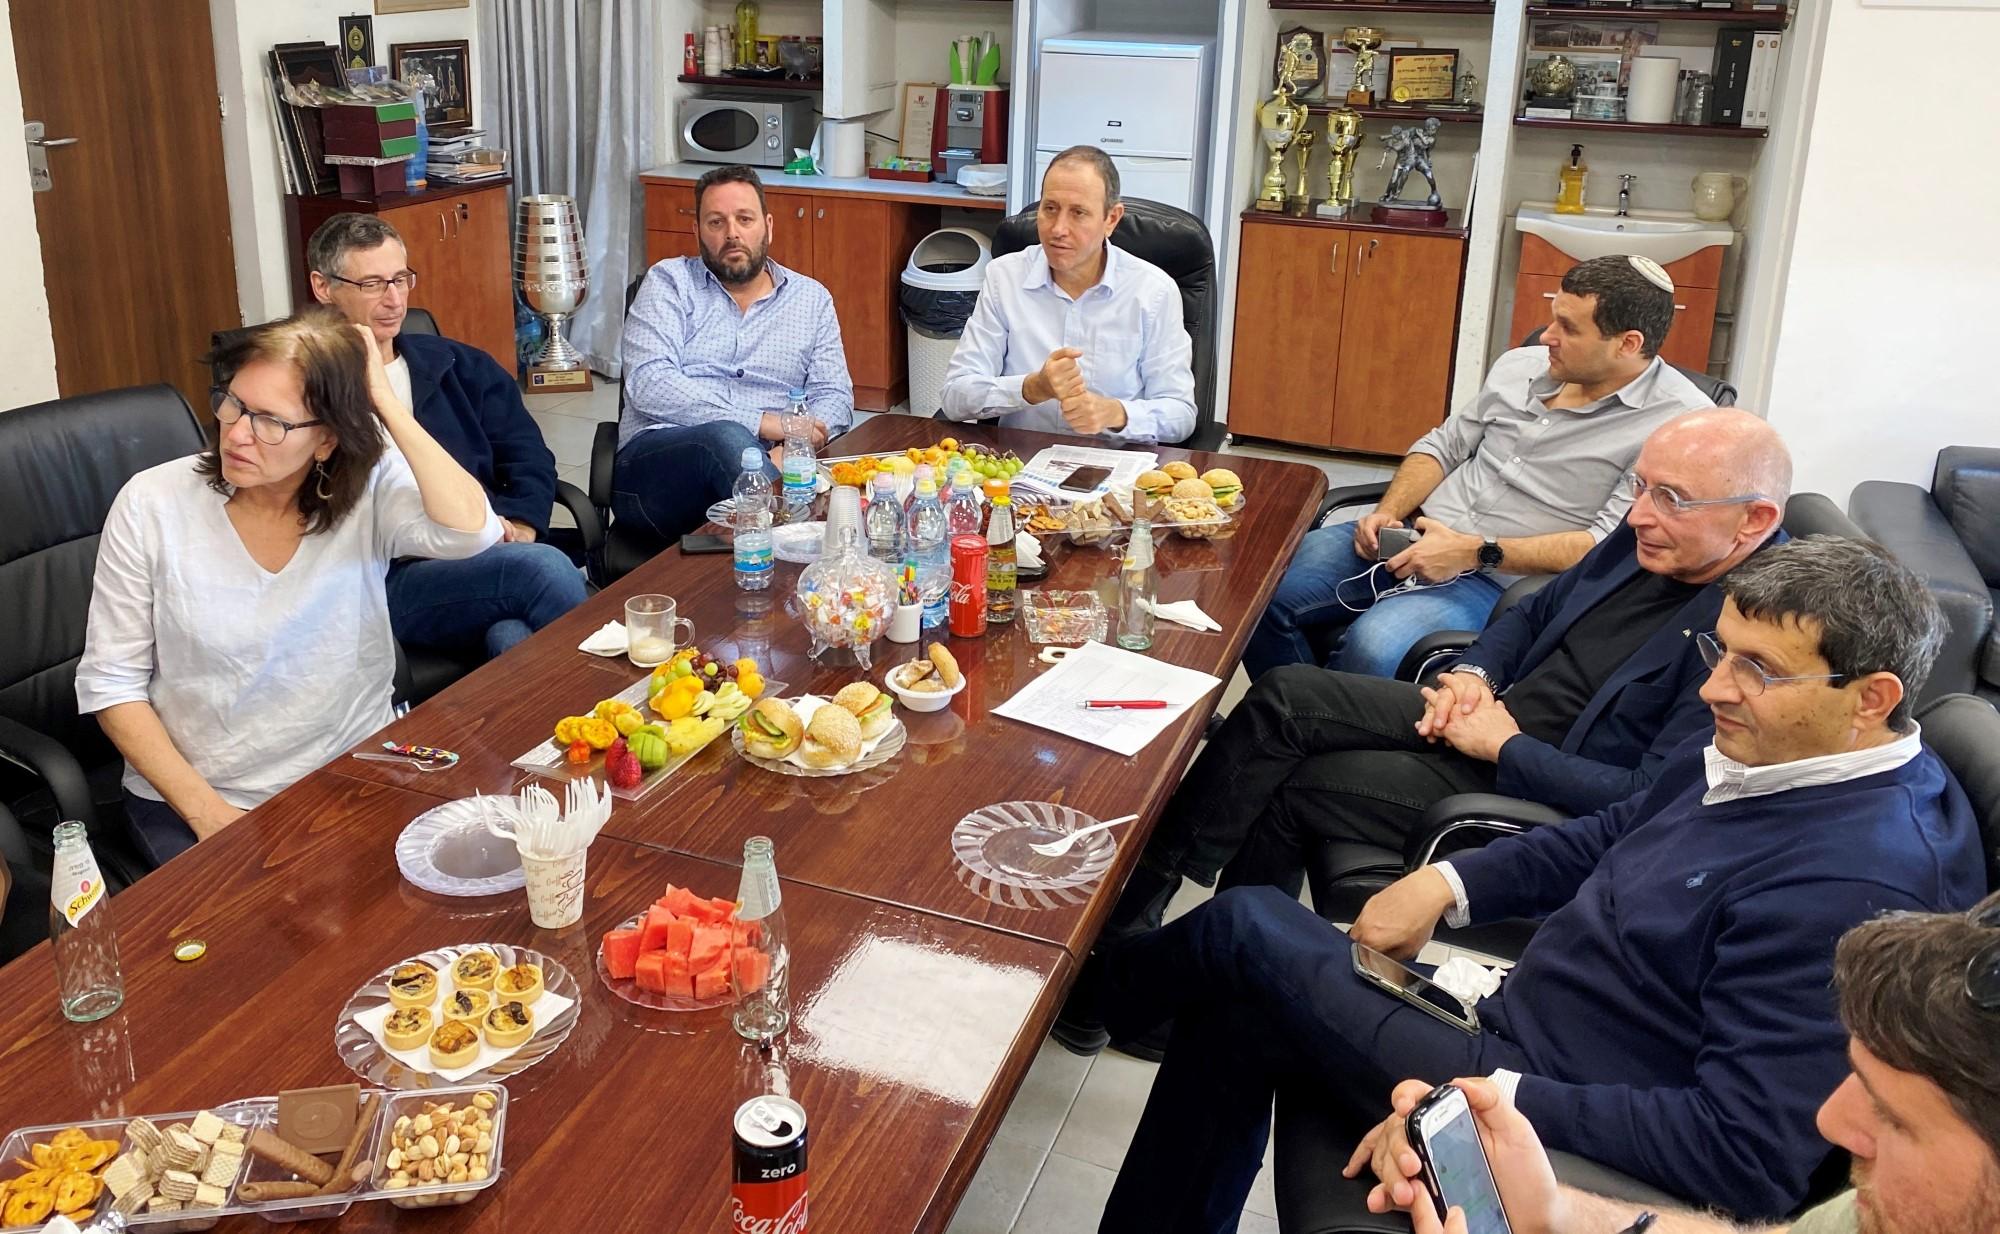 אוניברסיטת חיפה בוחנת אפשרות להקמת קמפוס ימי מדעי בעכו